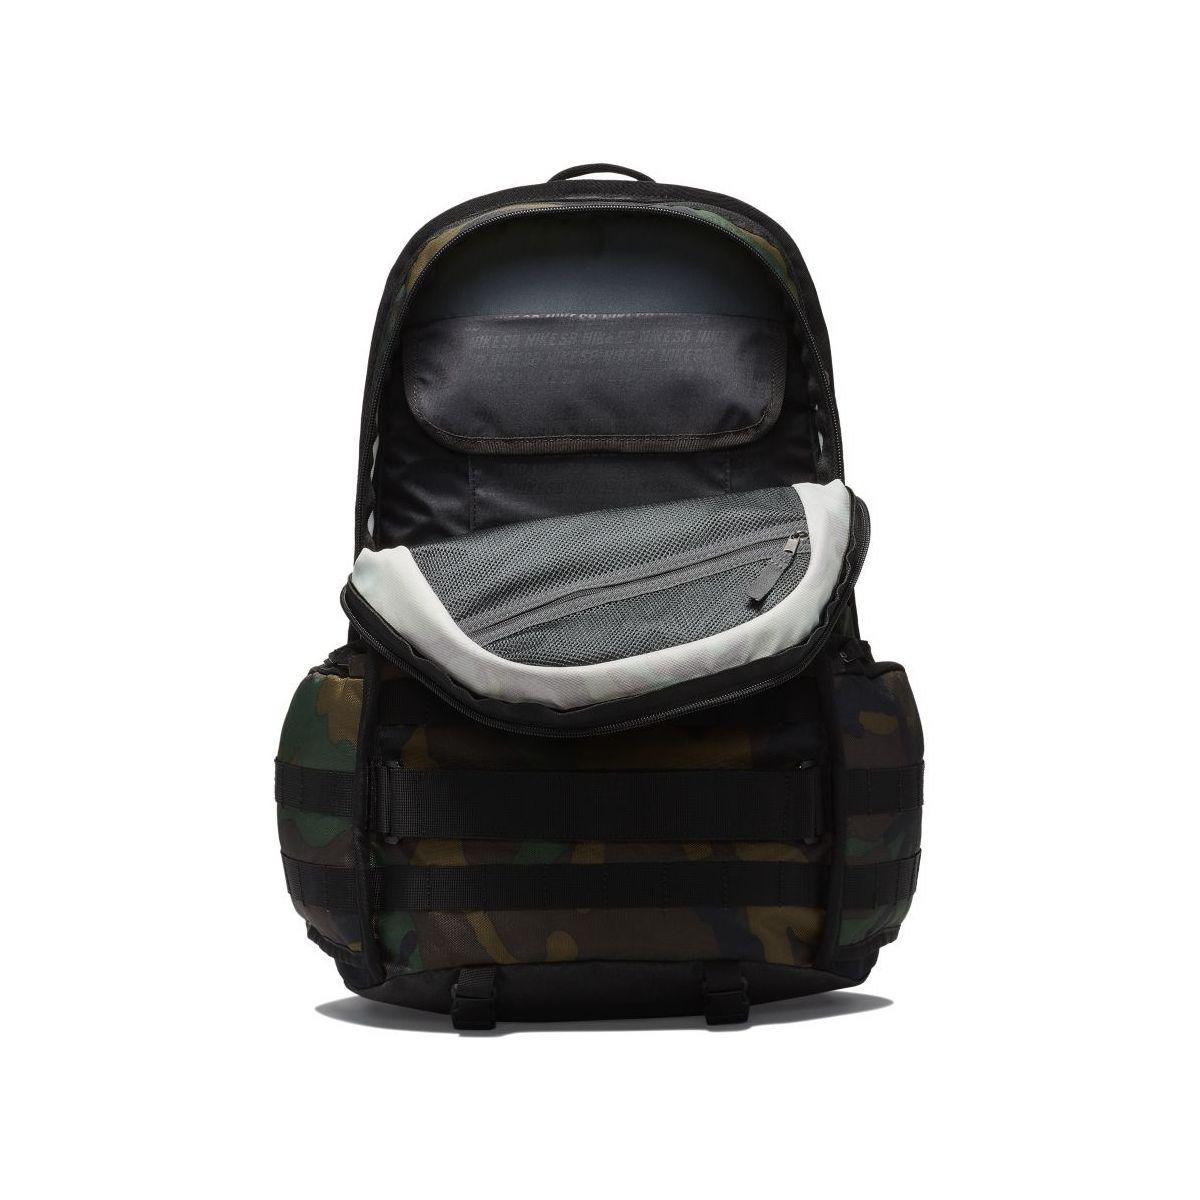 d52f8eb635481 ... Plecak Nike SB RPM Iguana / Black / Black · Zdjęcie produktu. Zdjęcie  produktu. Zdjęcie produktu